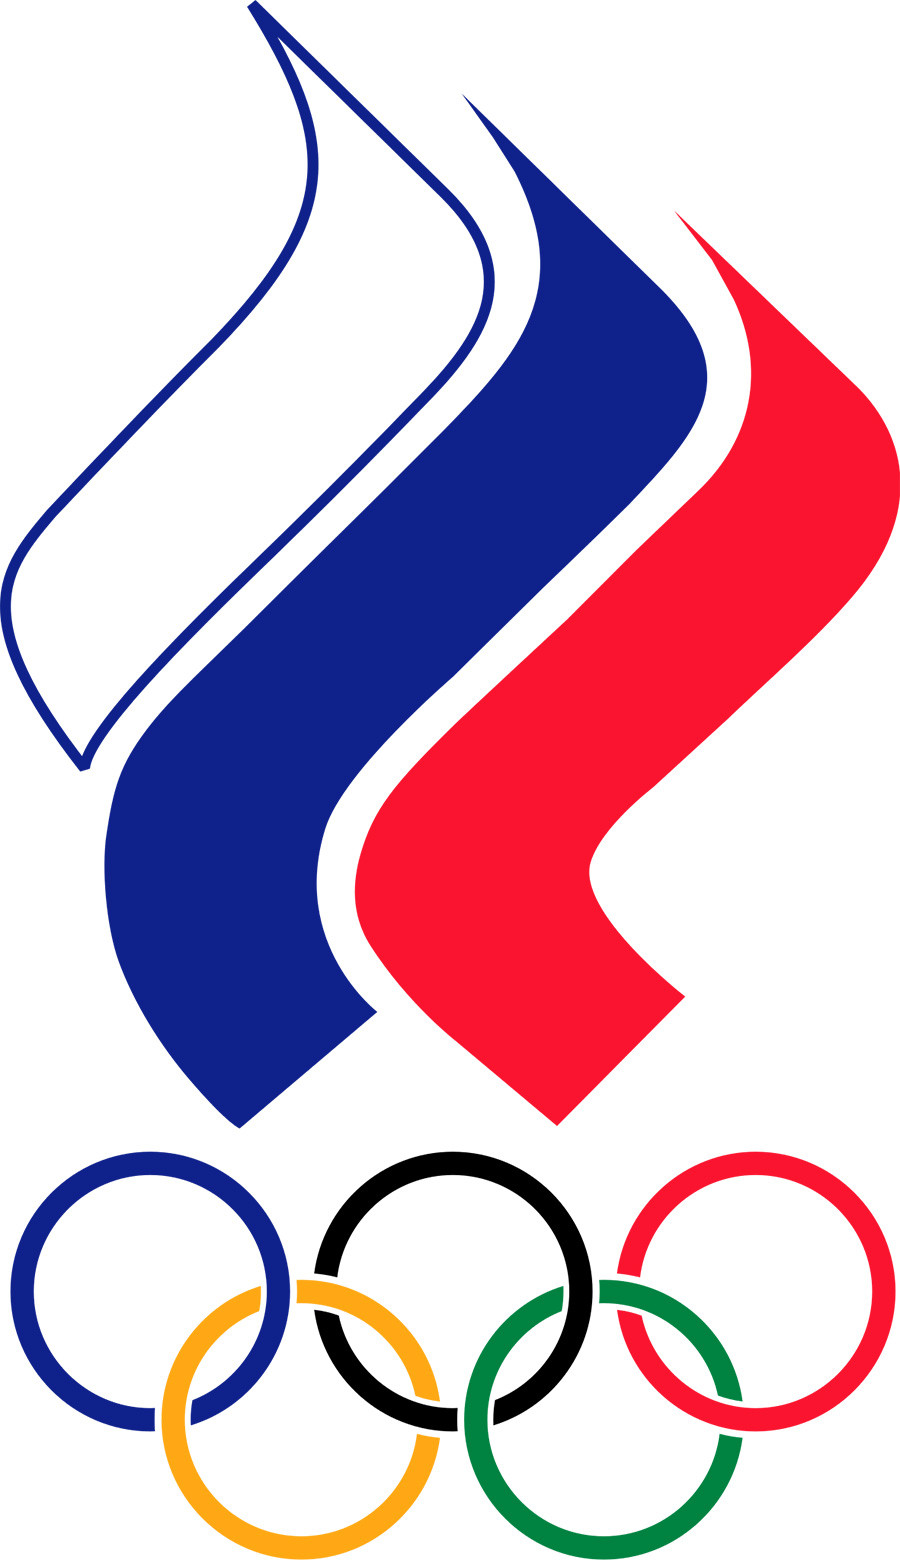 ロシアオリンピック委員会のマーク